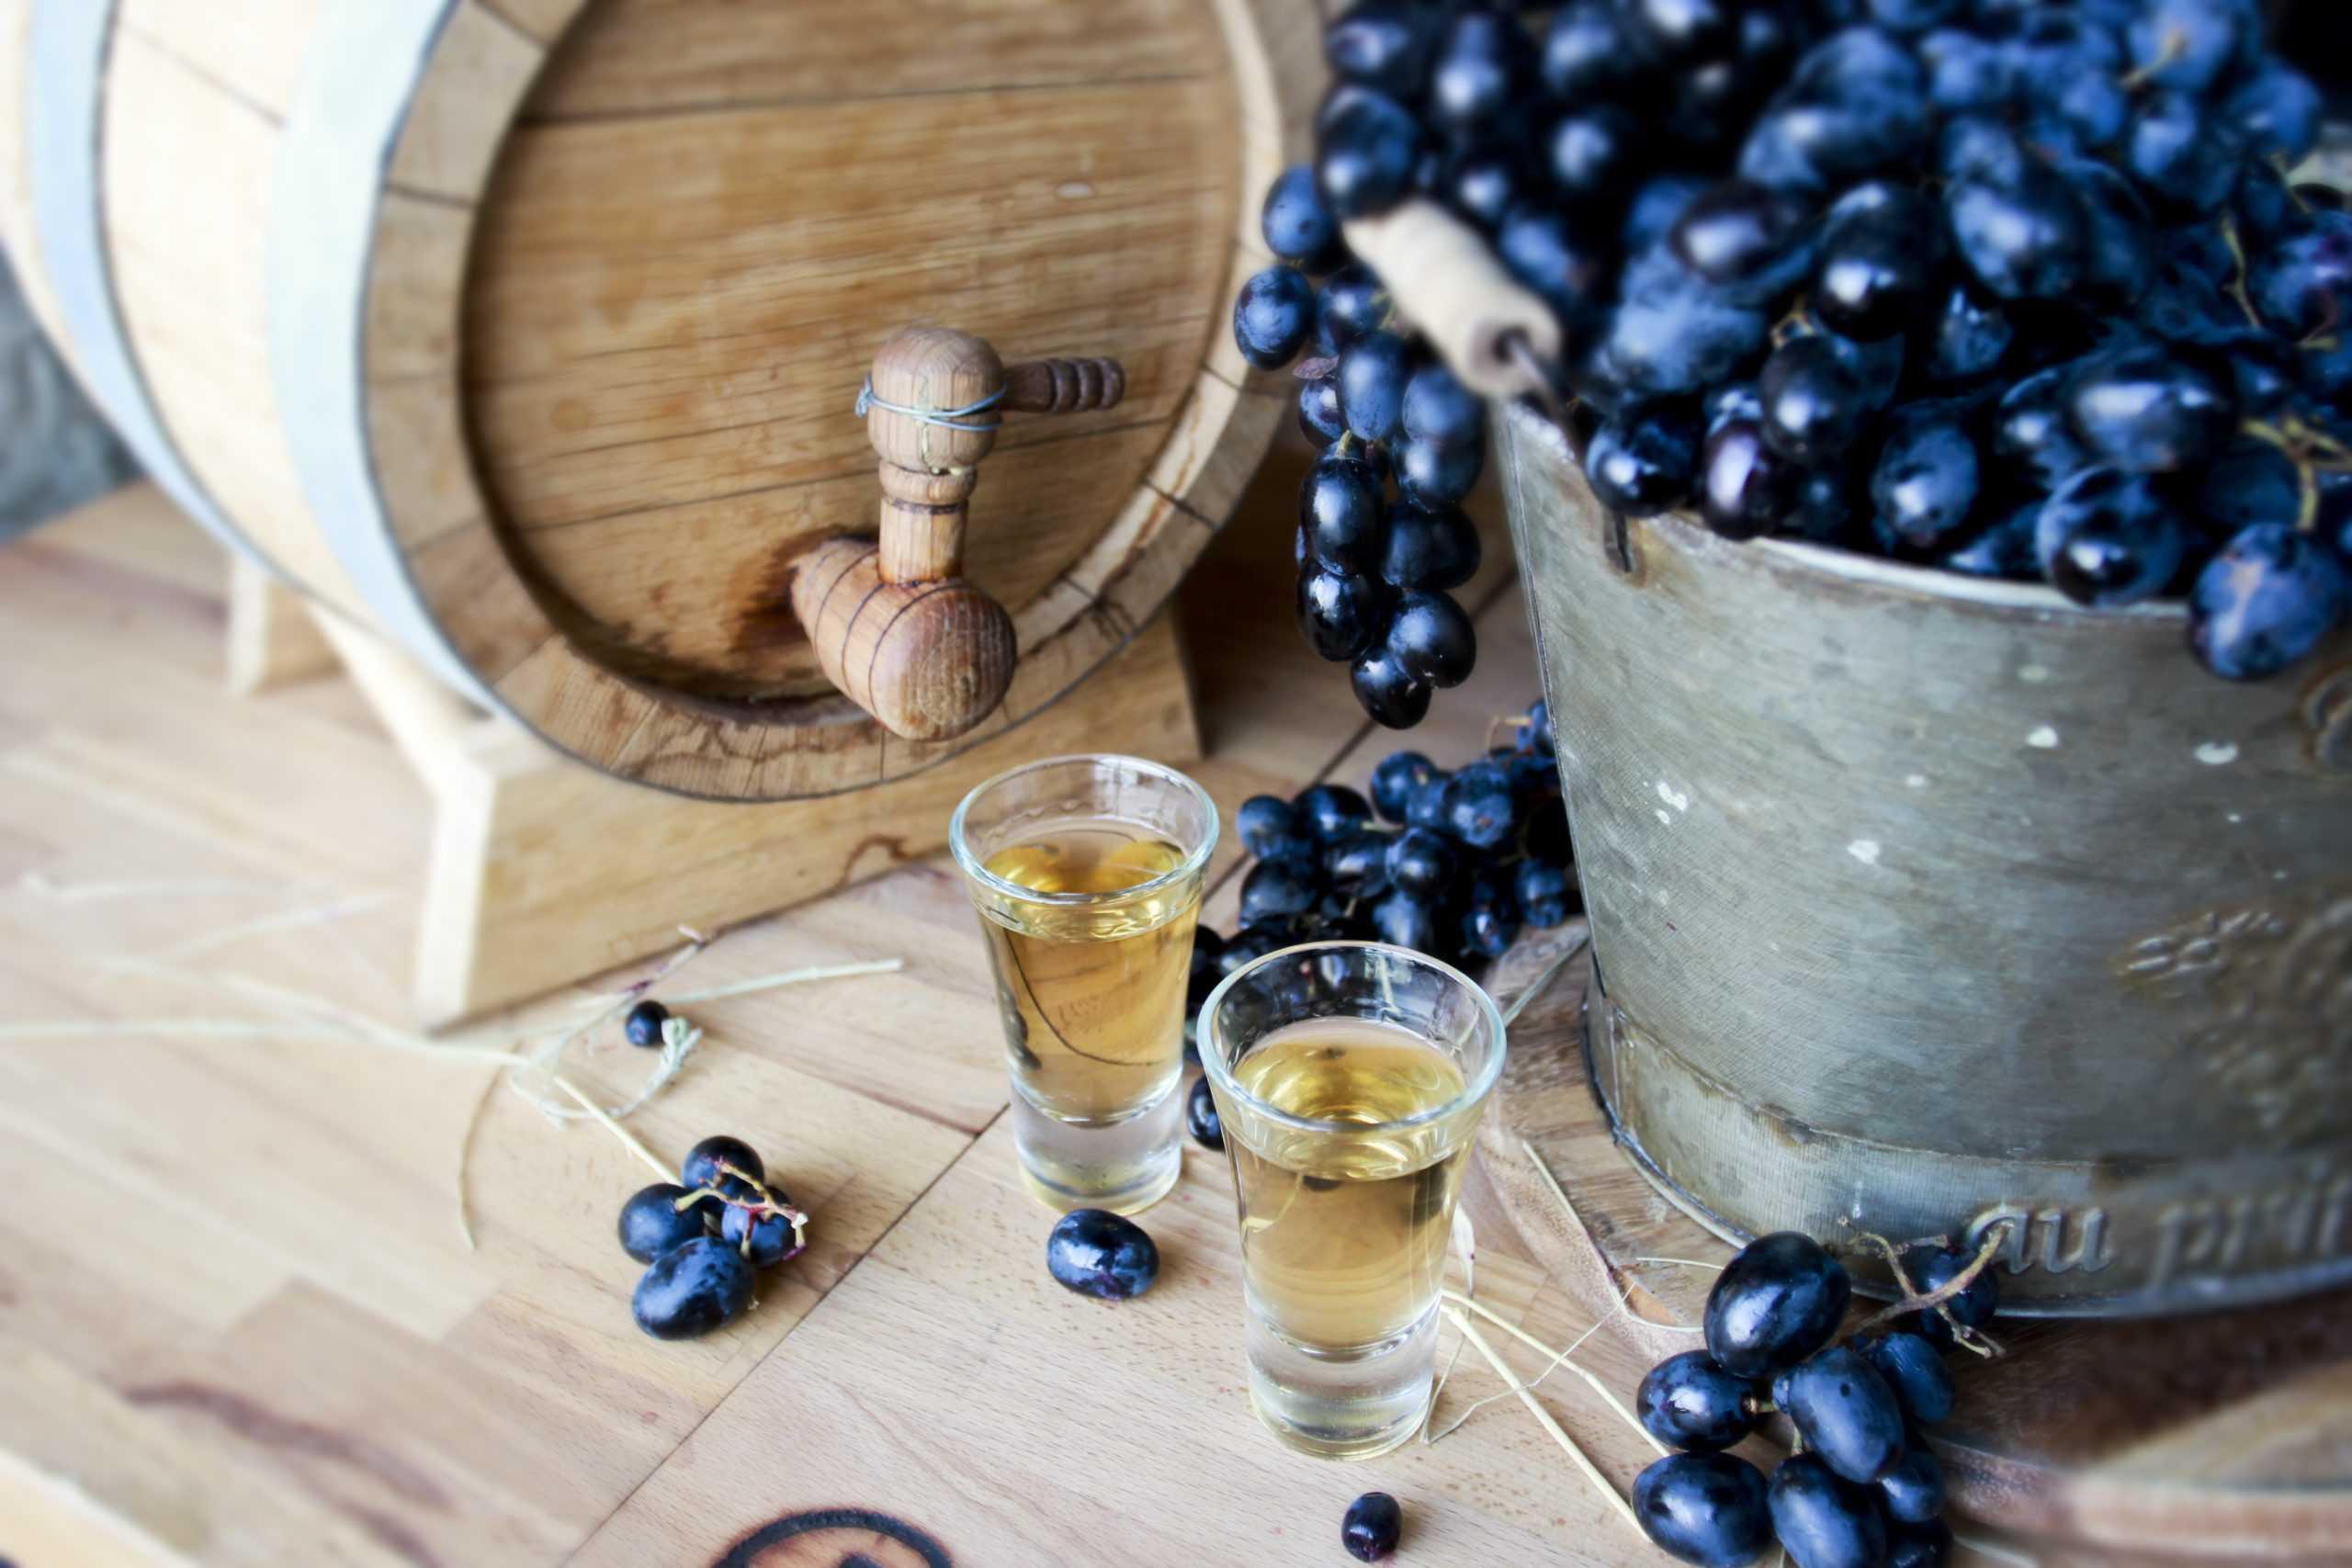 Самогон из винограда - домашний продукт высшего качества